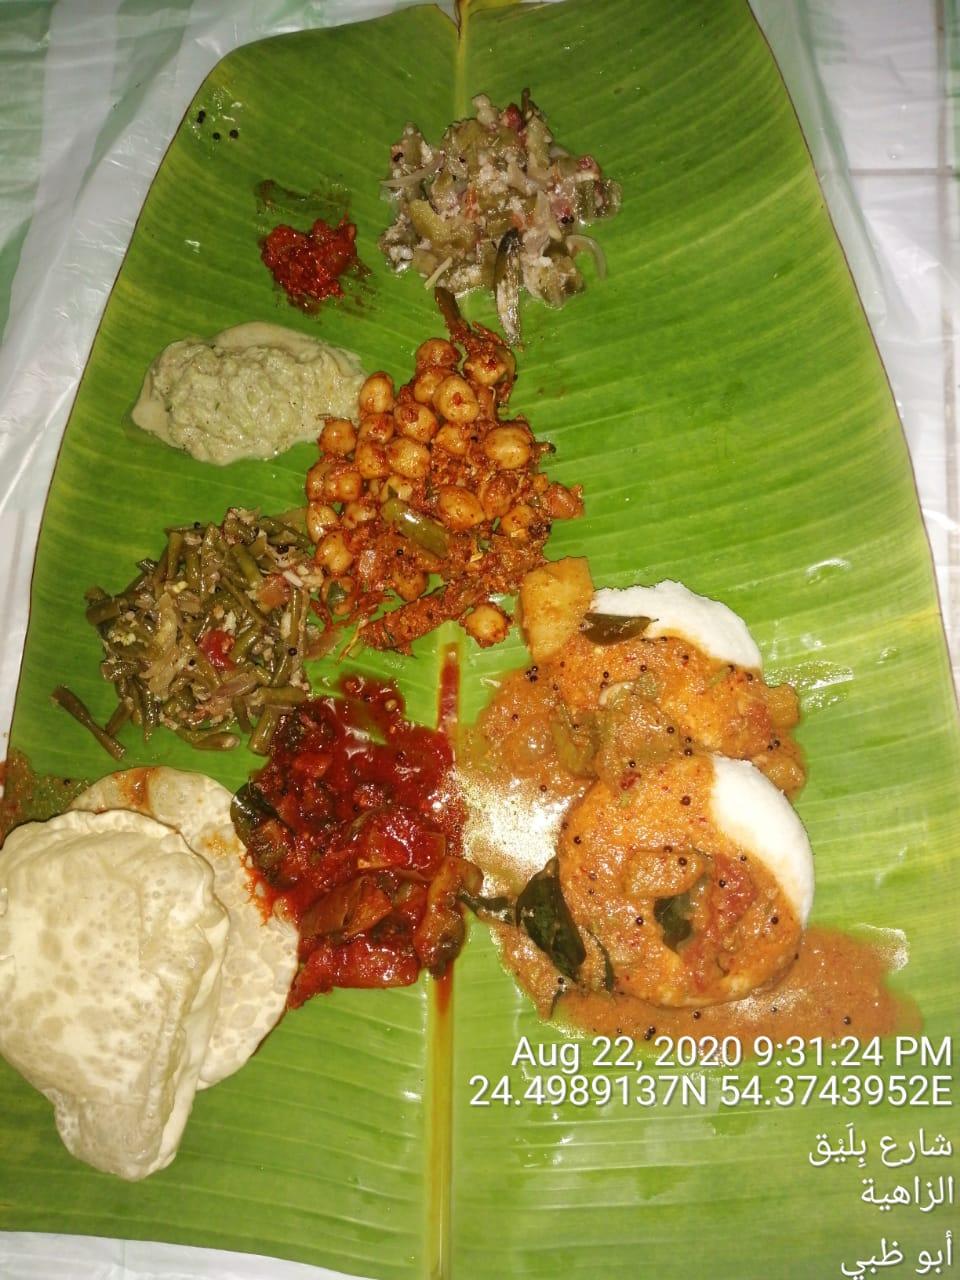 Kudla The Subhiksha Restaurant